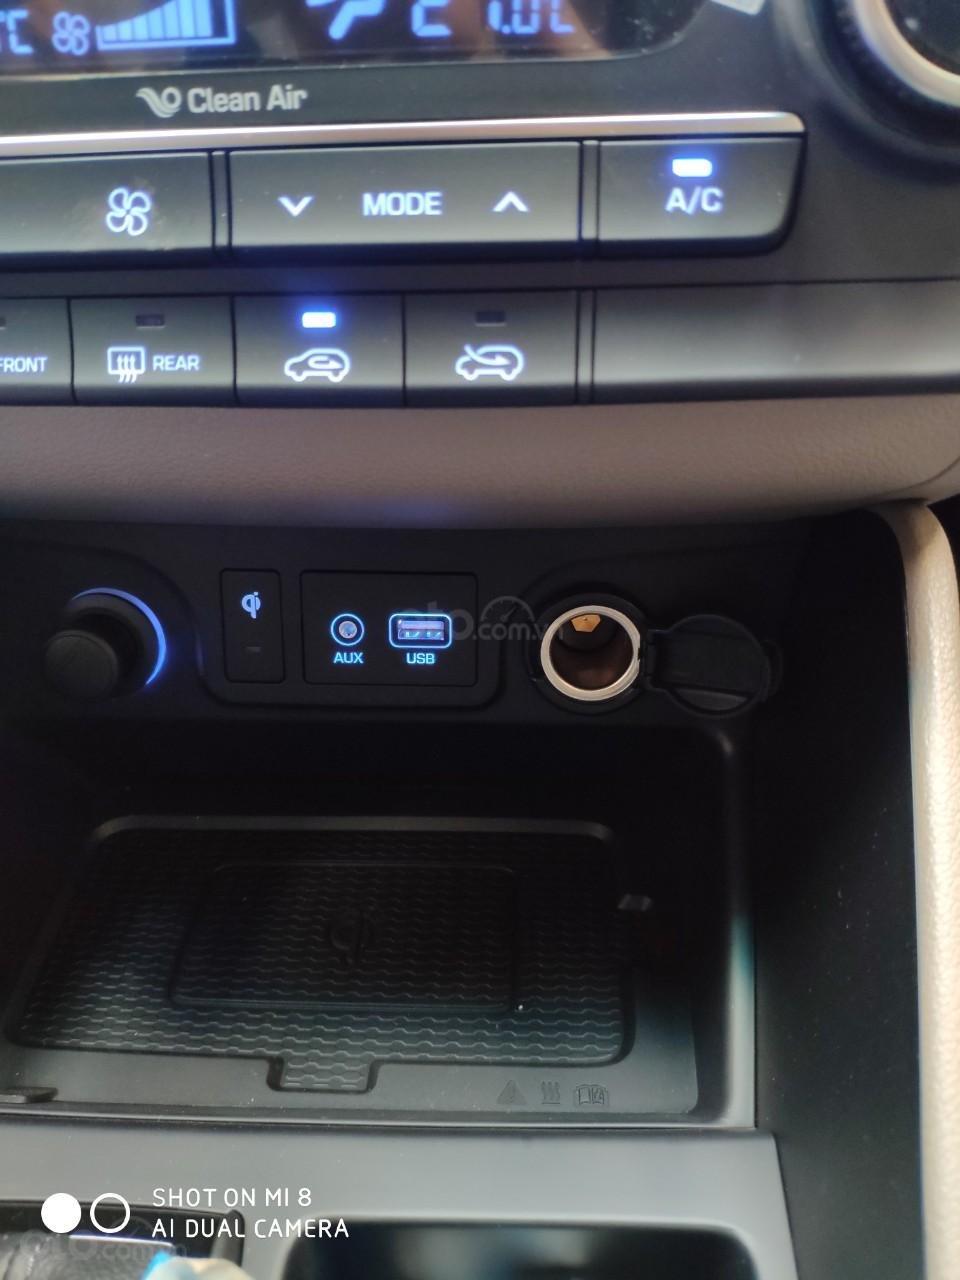 Hyundai Tucson 1.6 Turbo FL 2019, sẵn xe, giao ngay, đủ màu, giá 905tr, tặng full phụ kiện (9)